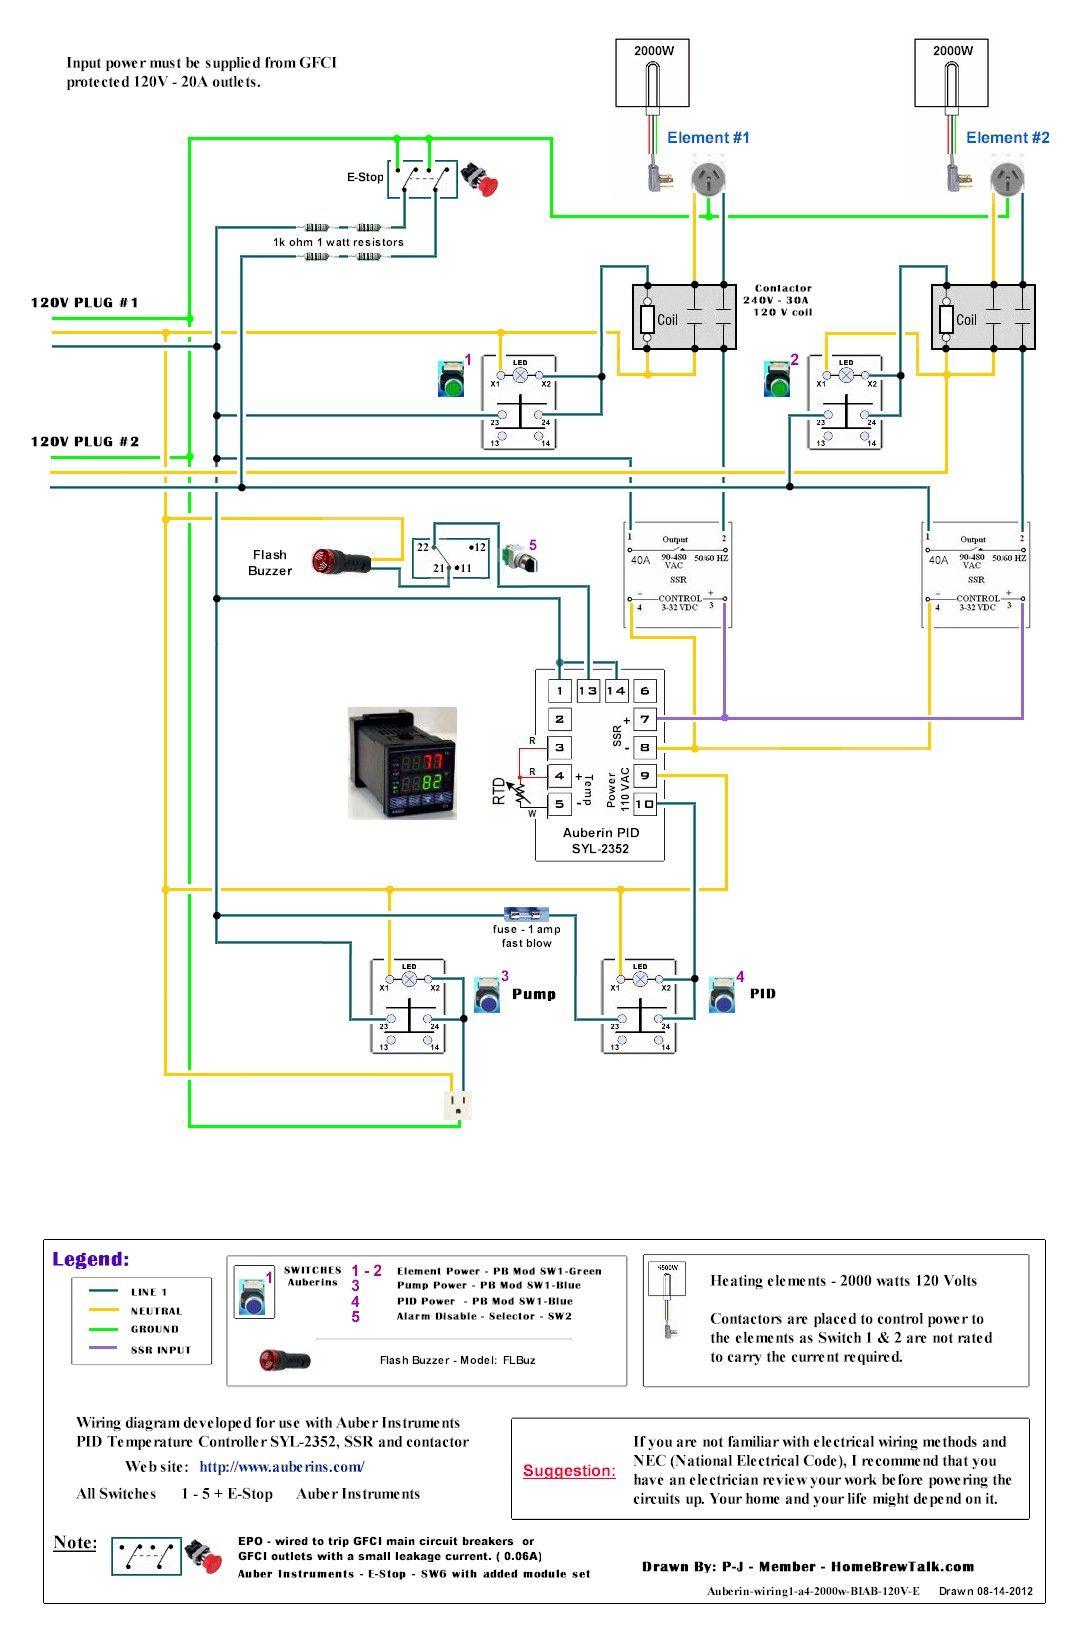 120v wiring diagram 7 way rv flat blade dual 2000w recirculating ebiab build home brew